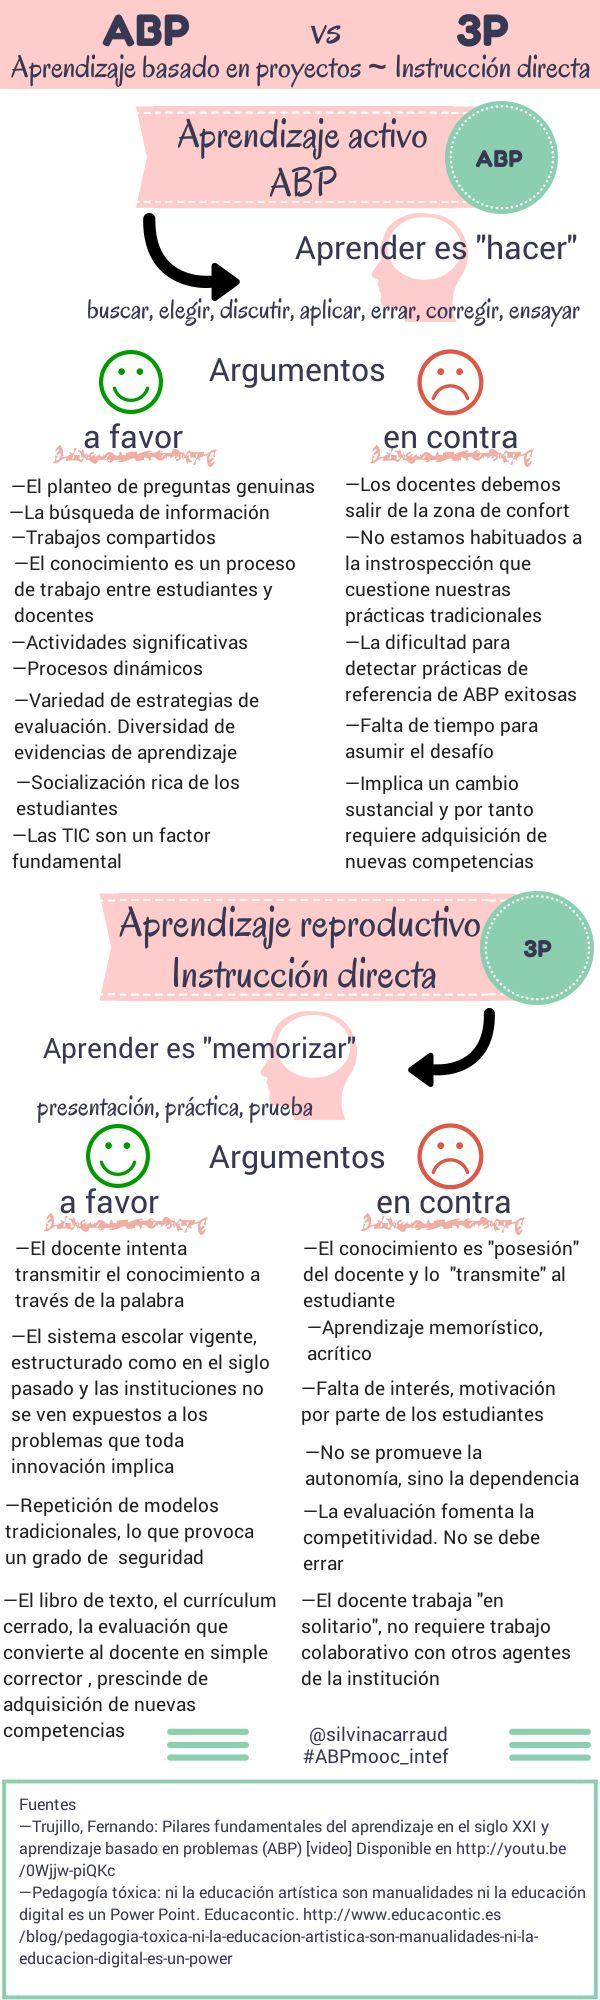 Ventajas e inconveniente de los dos modelos de aprendizajes: tradicional y por proyectos